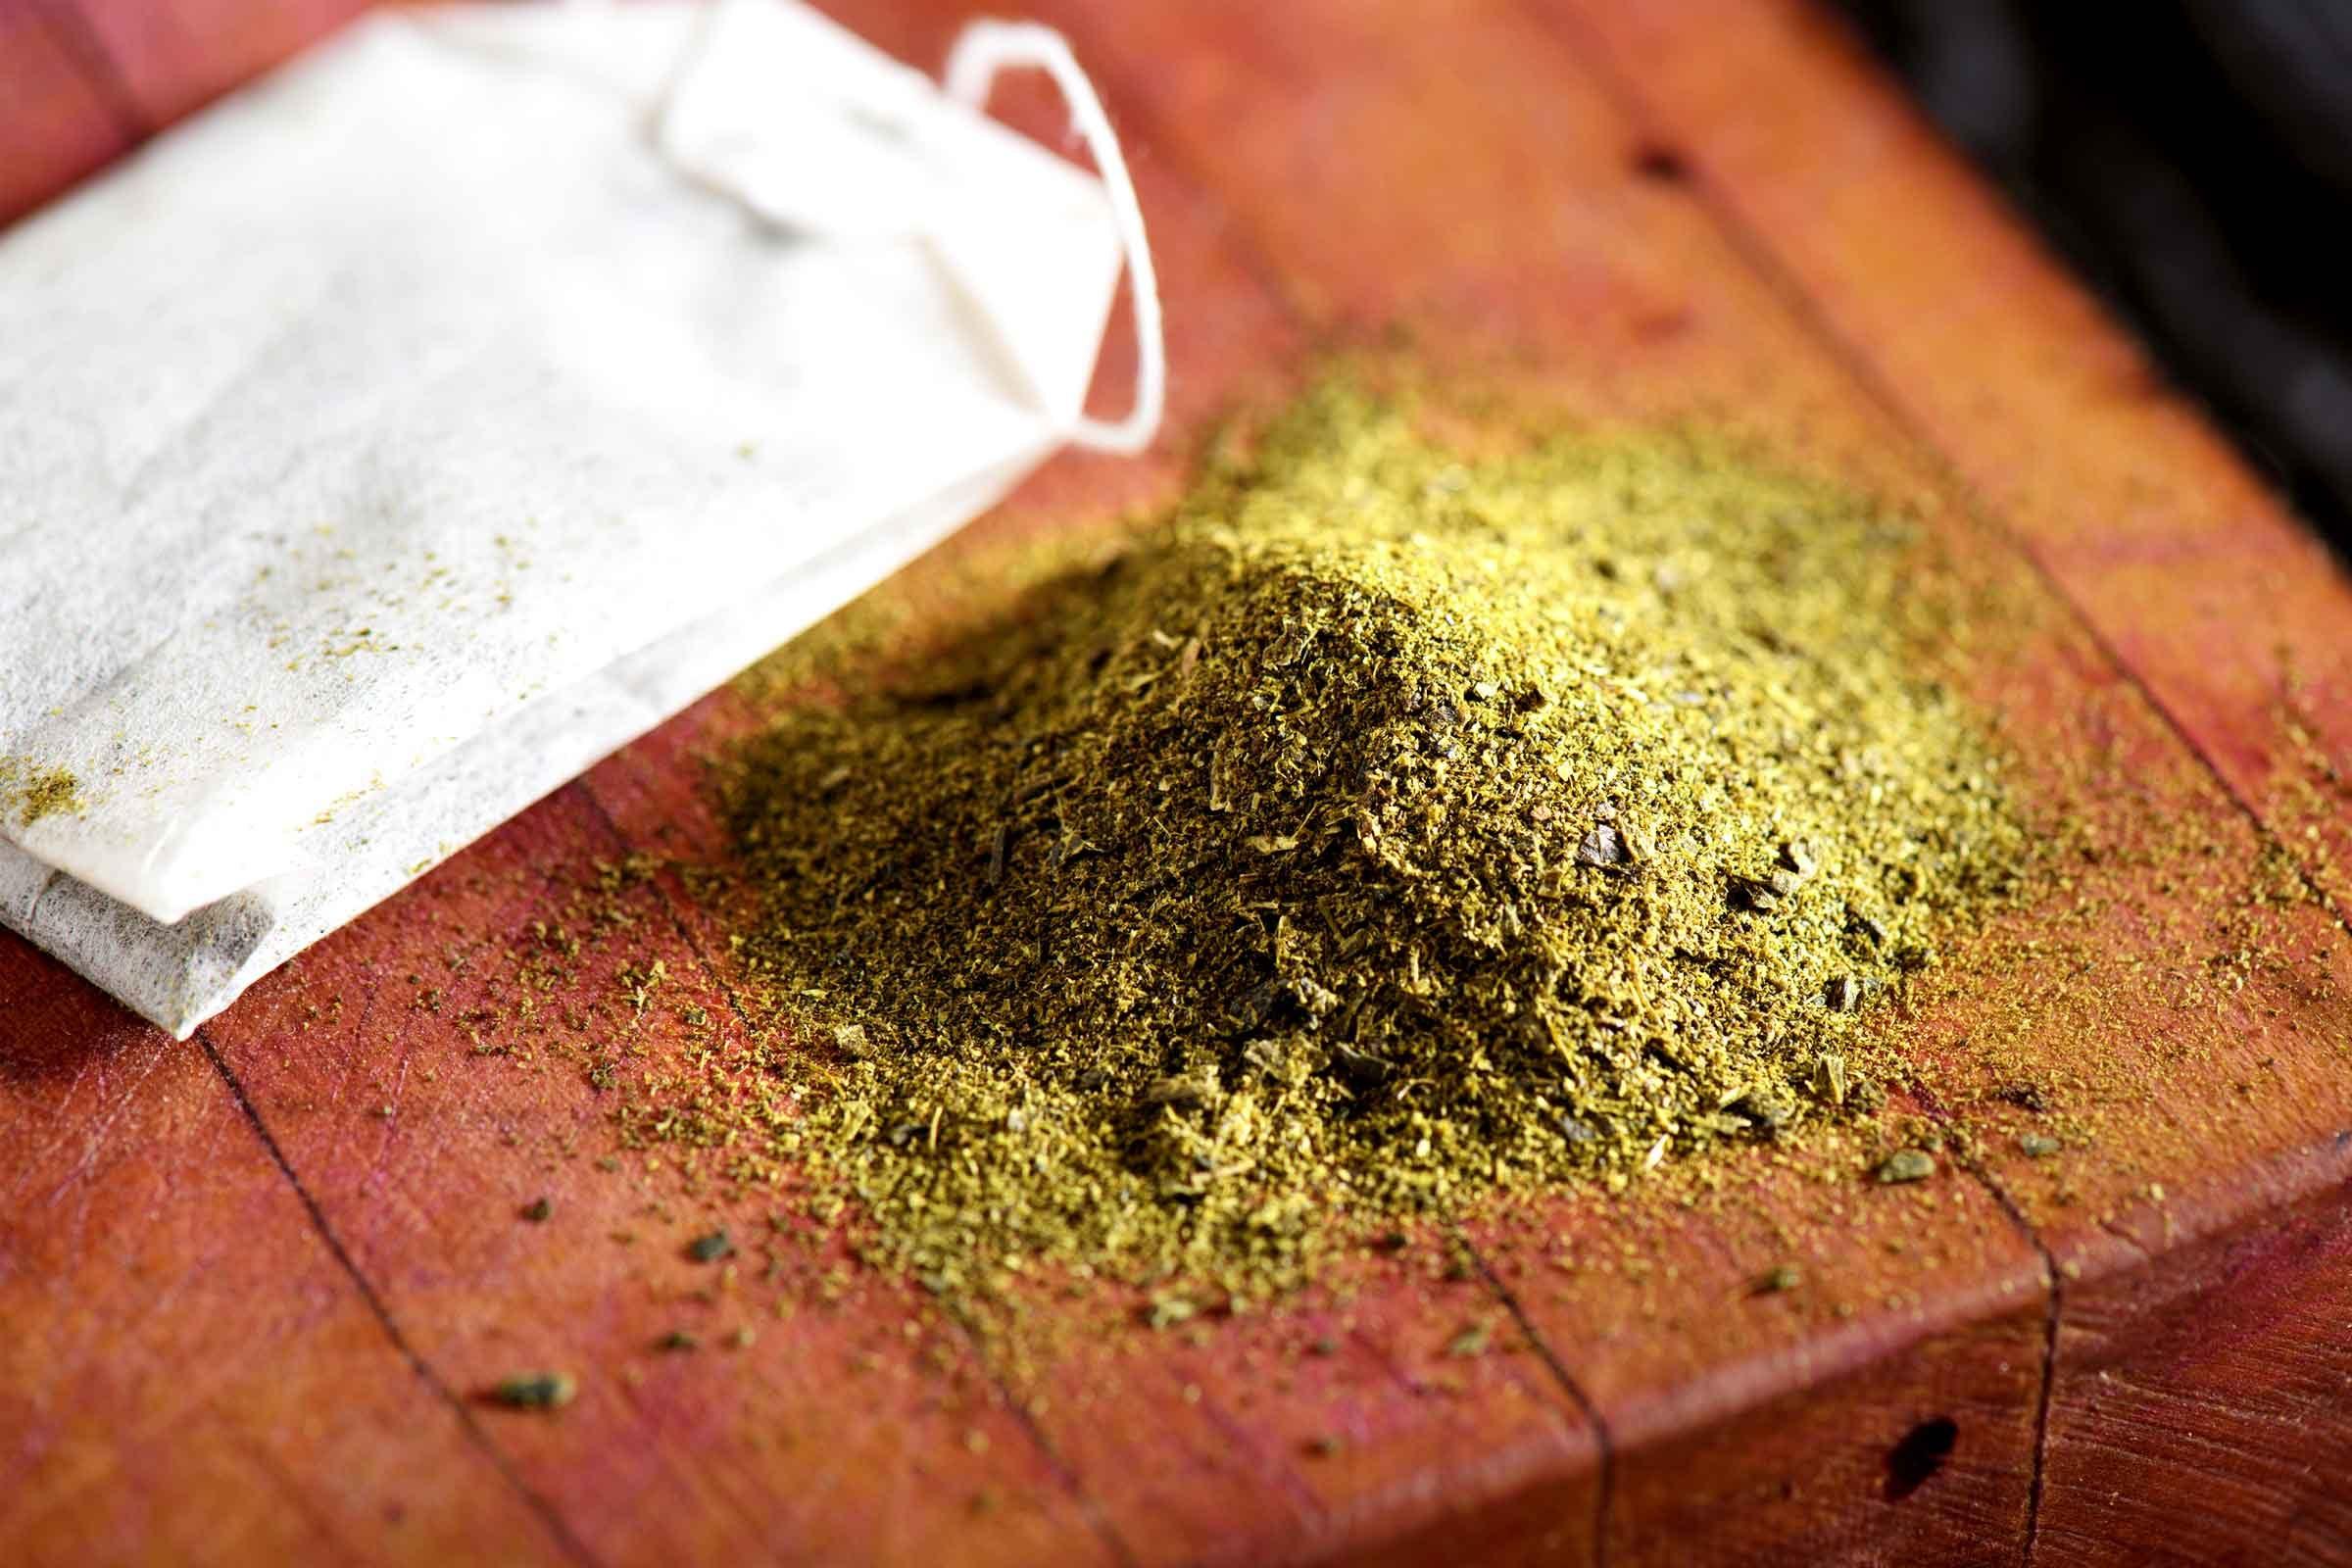 Jak léčit černé tečky: Zelený čaj